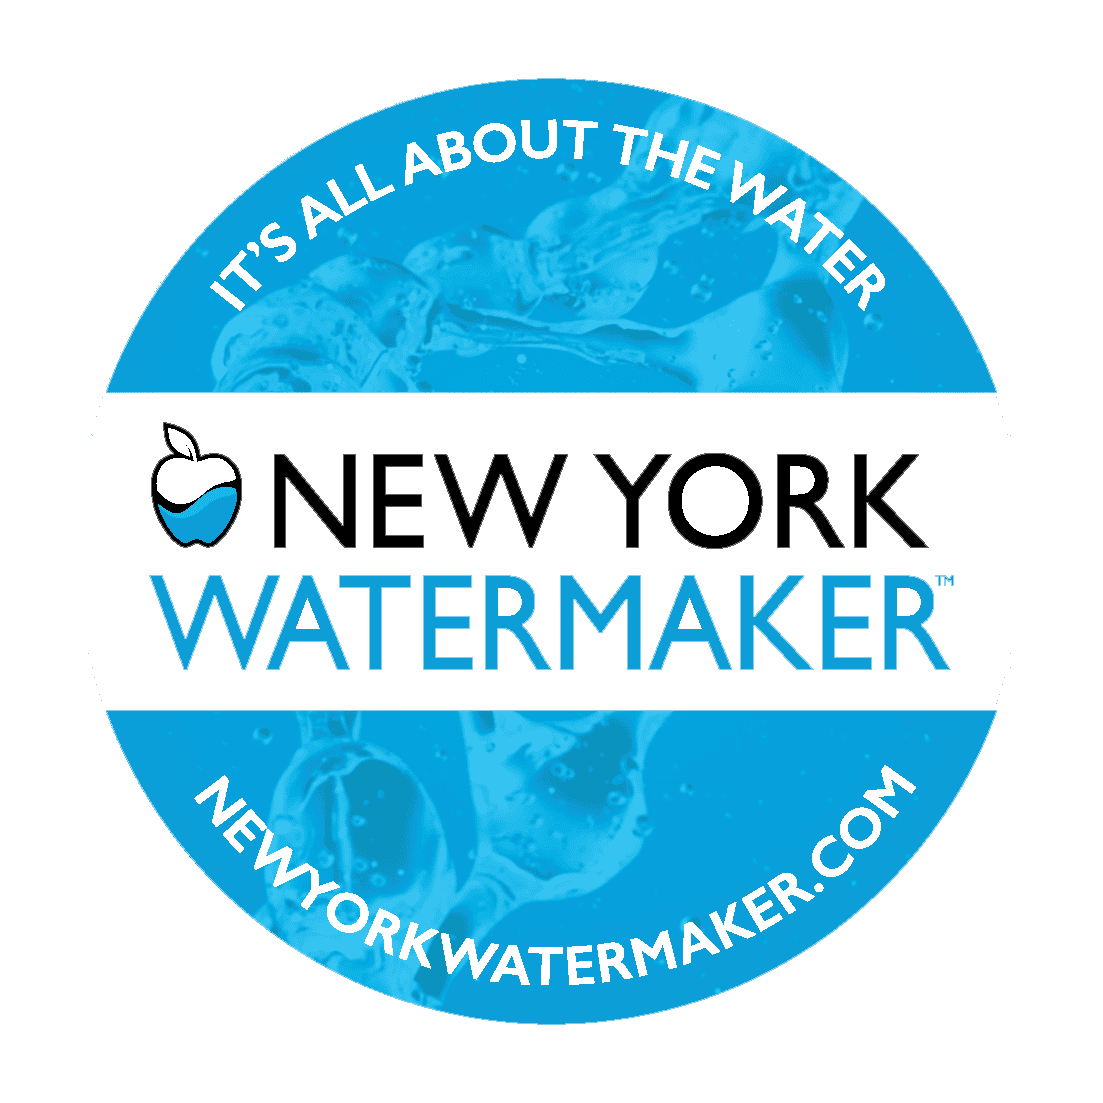 New York Watermaker